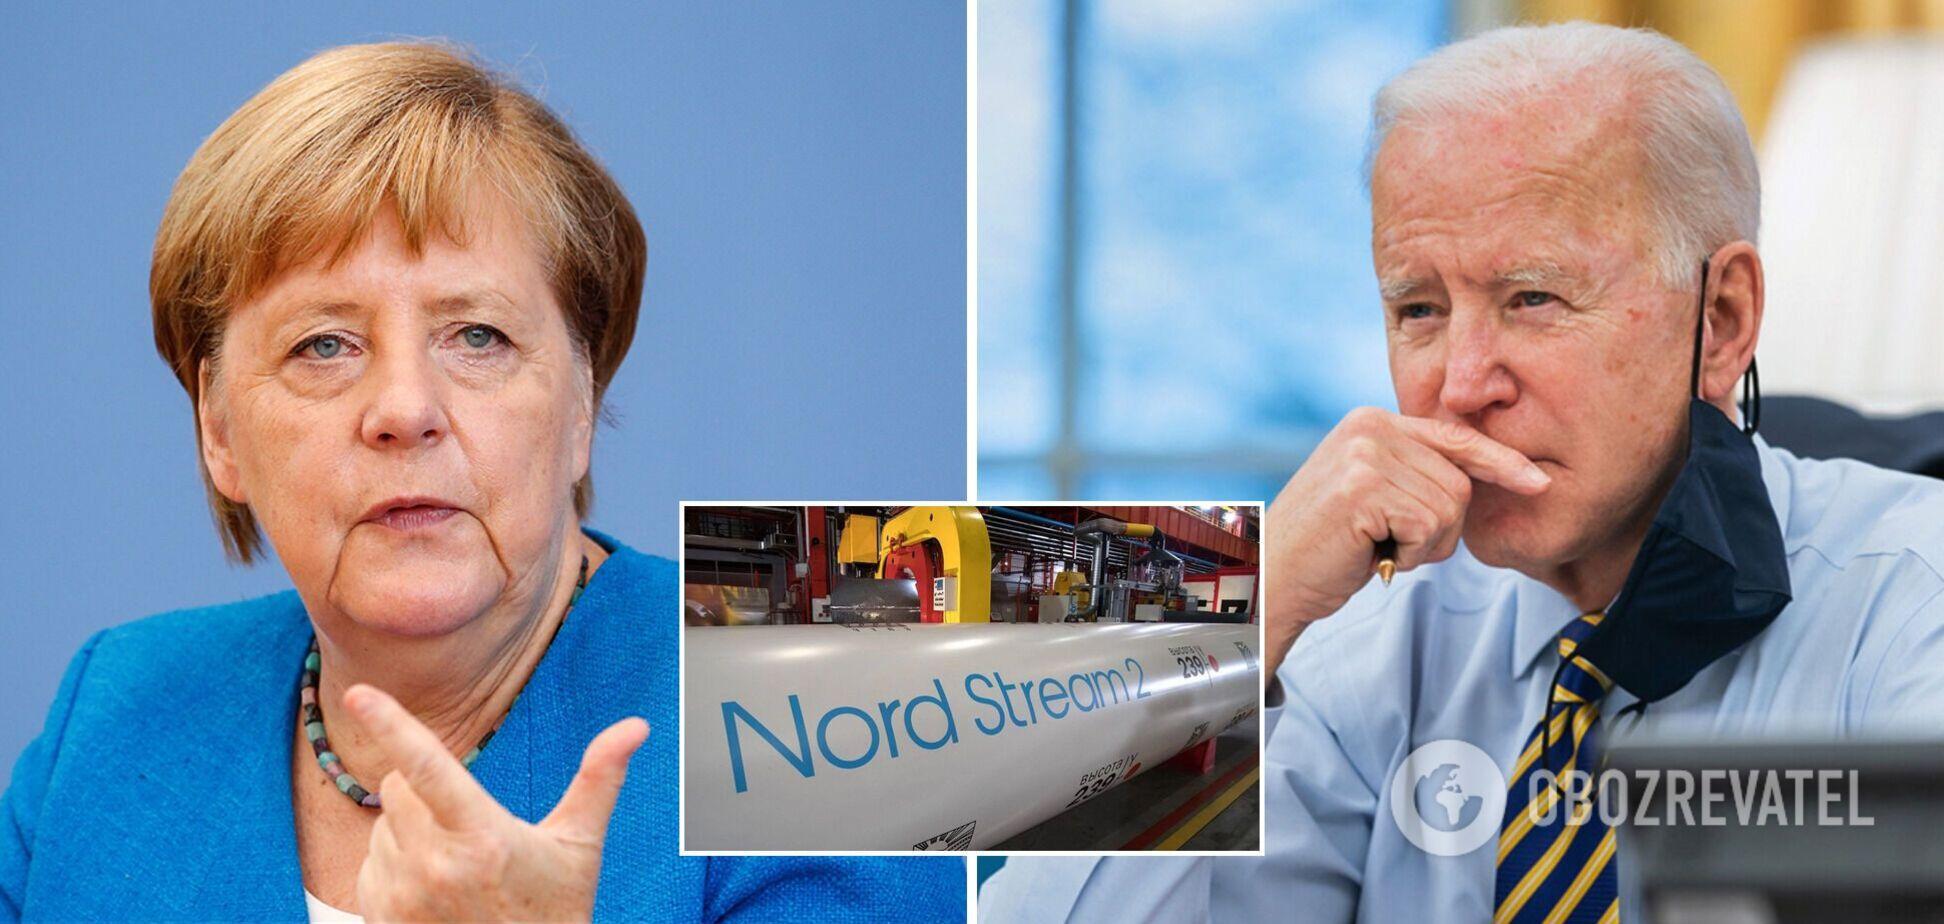 Меркель поедет в США для разрешения споров по 'Северному потоку-2': названа дата